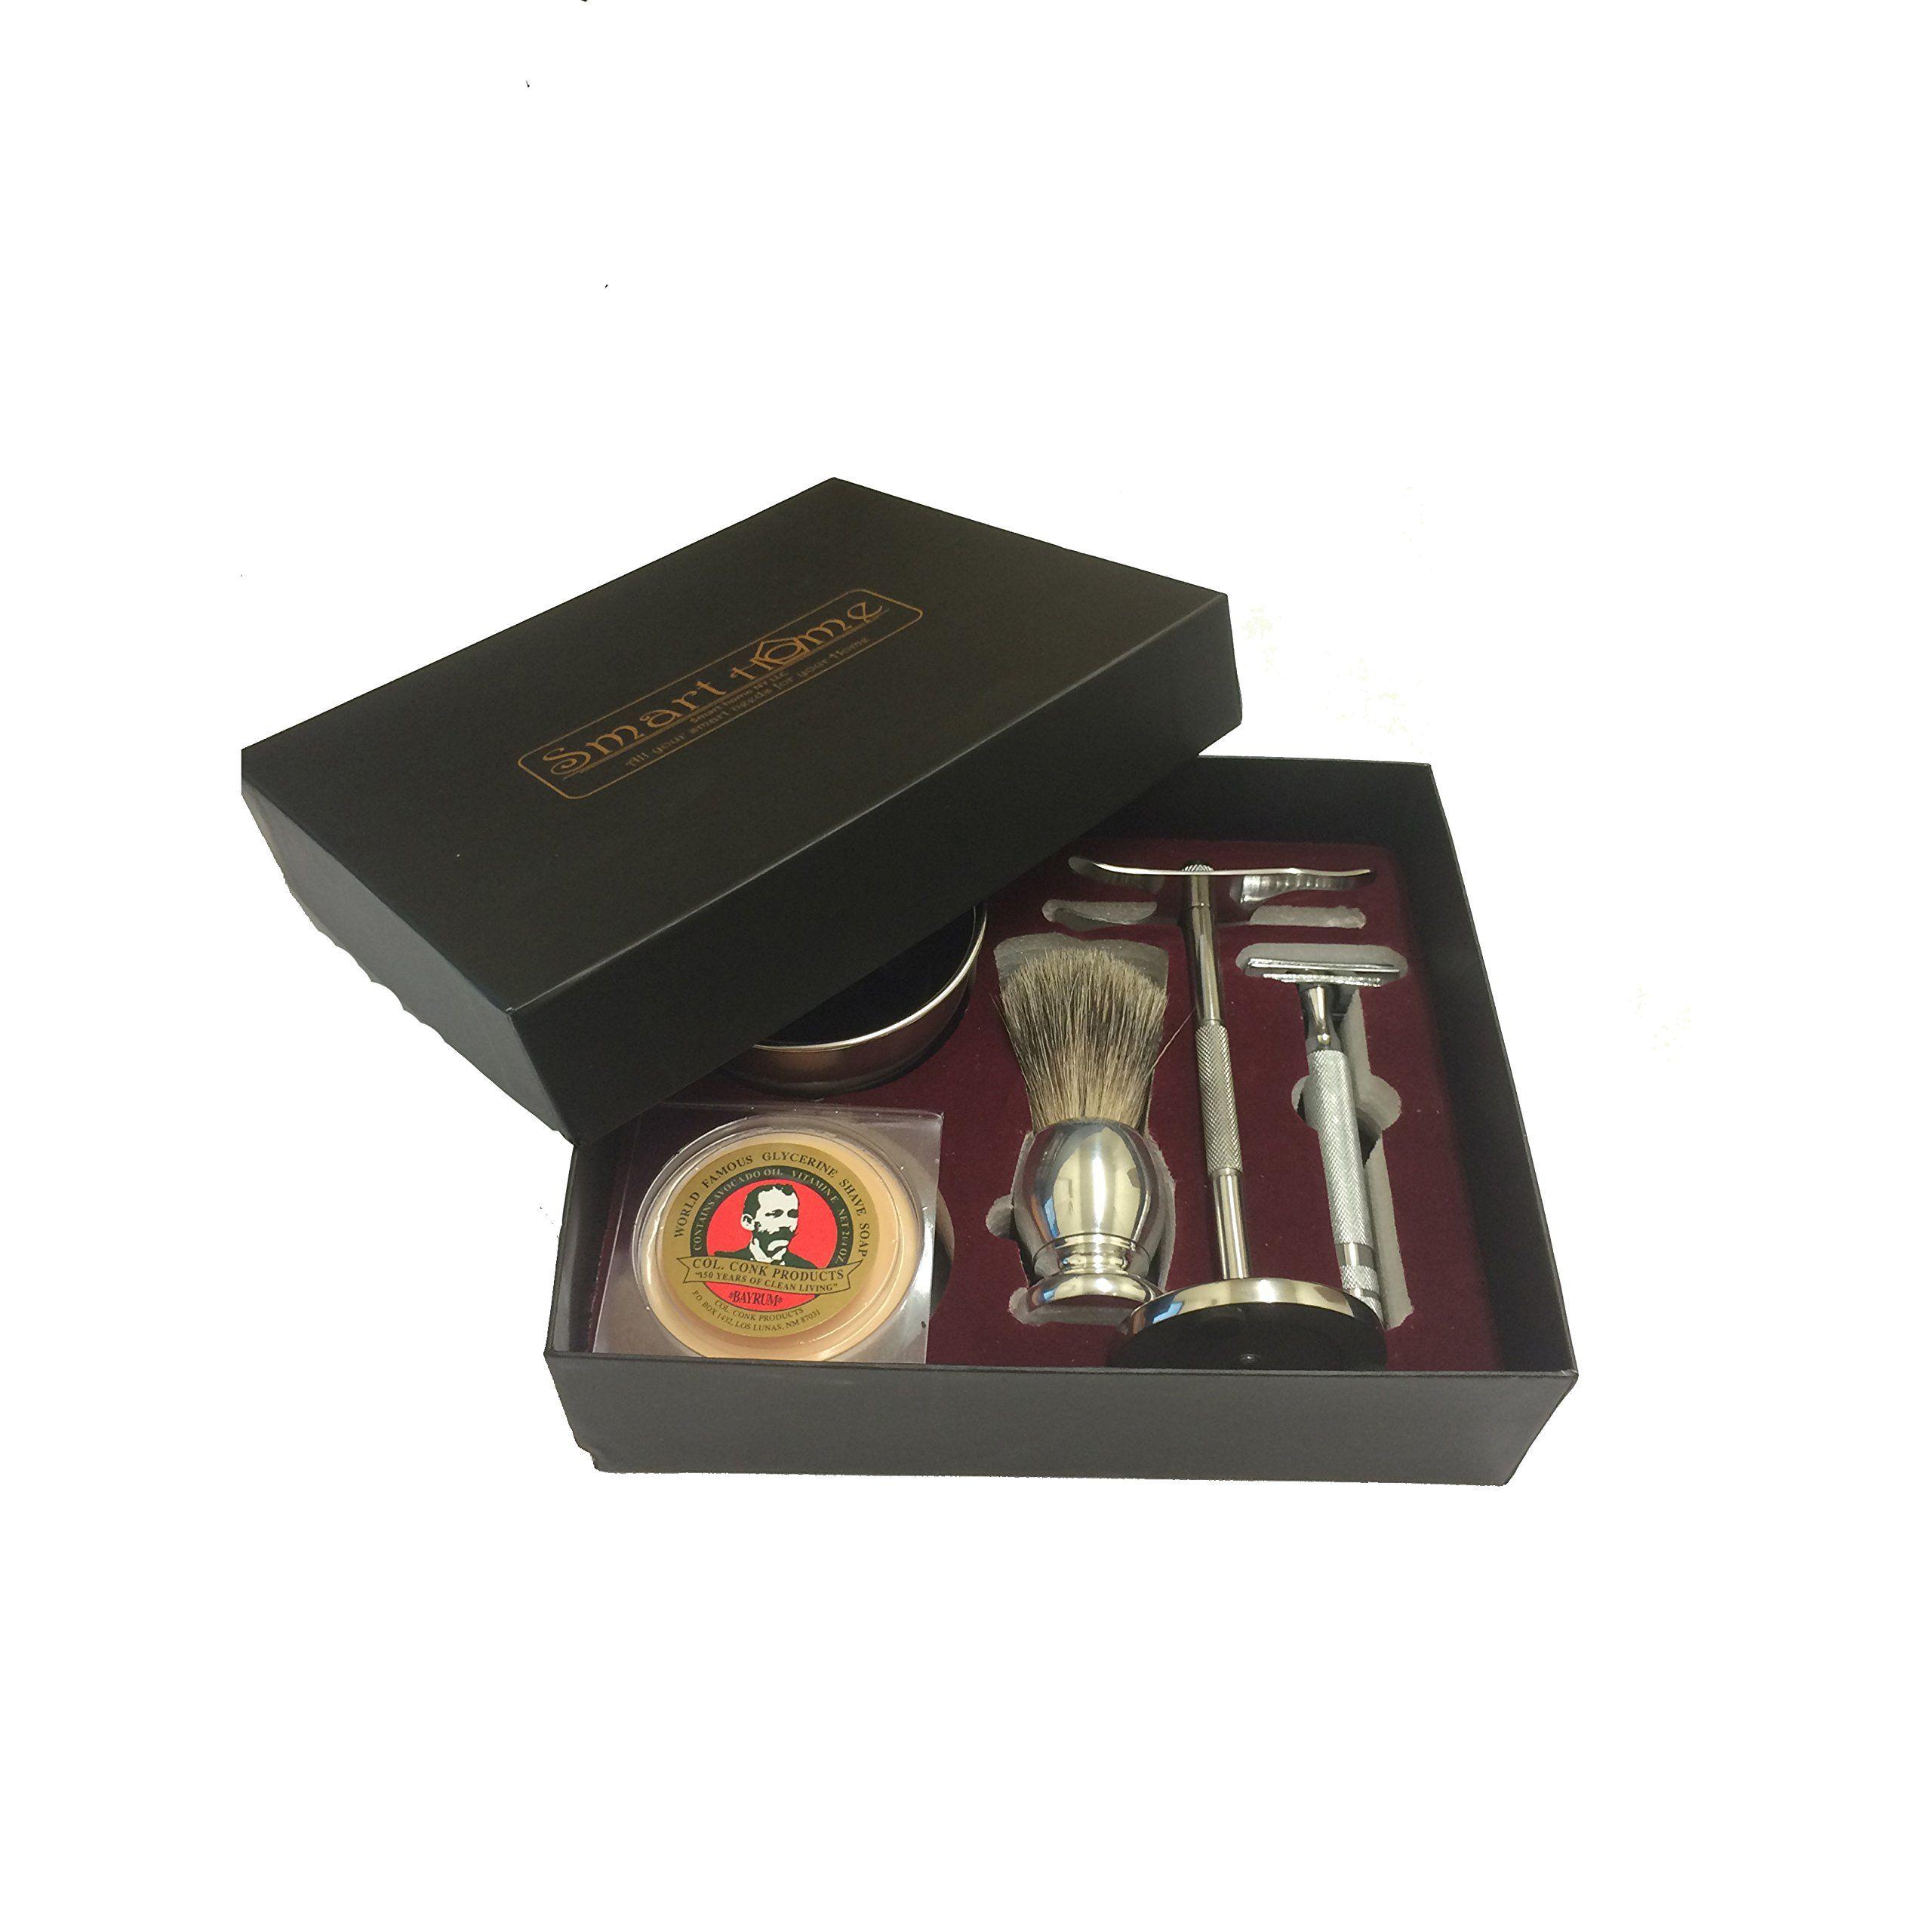 COMPLETE PREMIUM MEN'S SHAVING SET Shaving Gift Set with